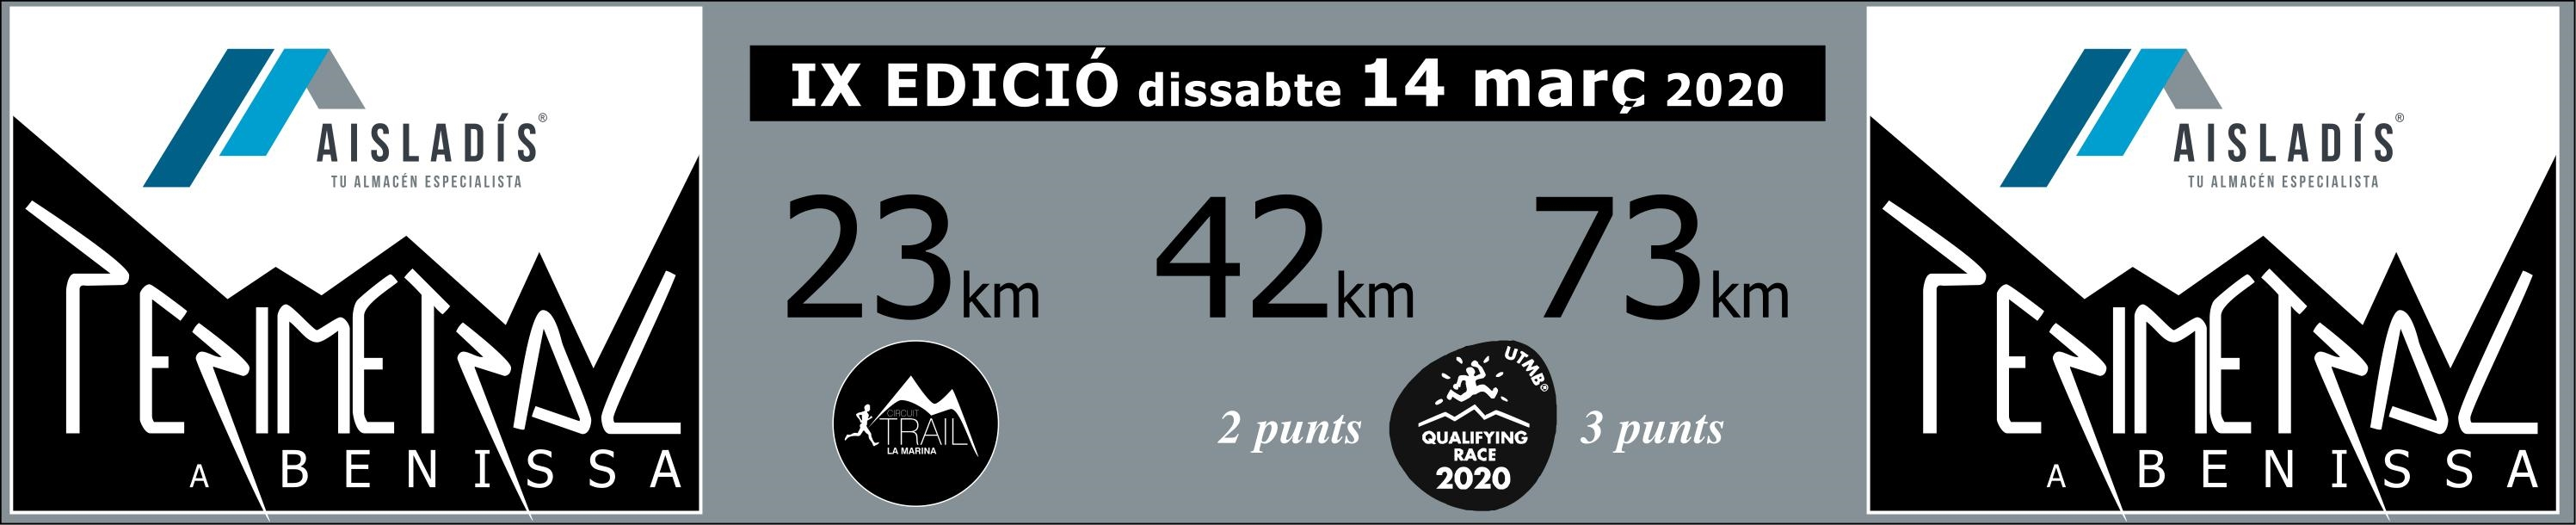 Perimetral a Benissa 2020